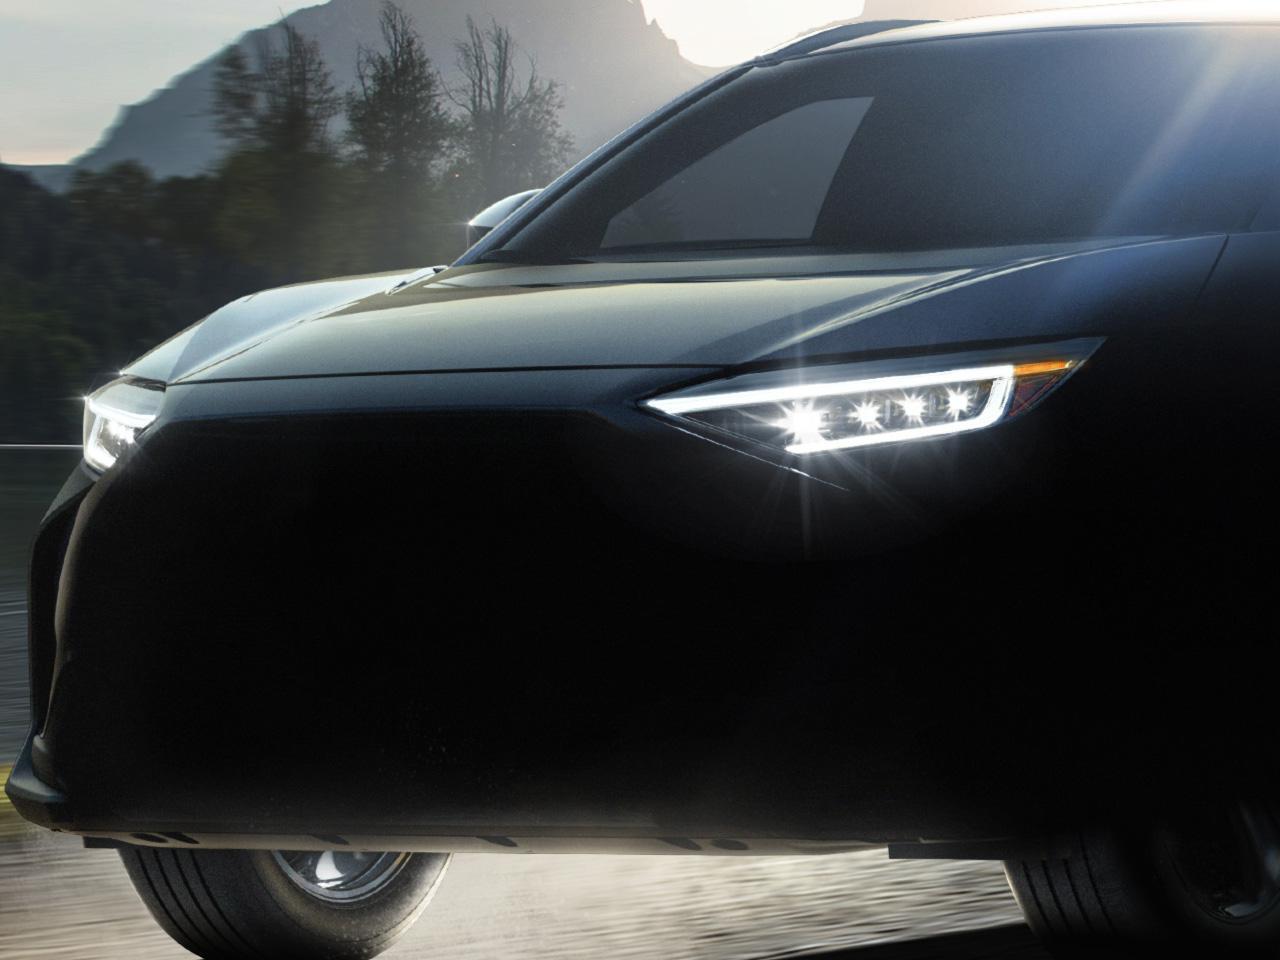 スバルの新型EV、車名は「ソルテラ(SOLTERRA)」に決定。2022年から世界で発売予定